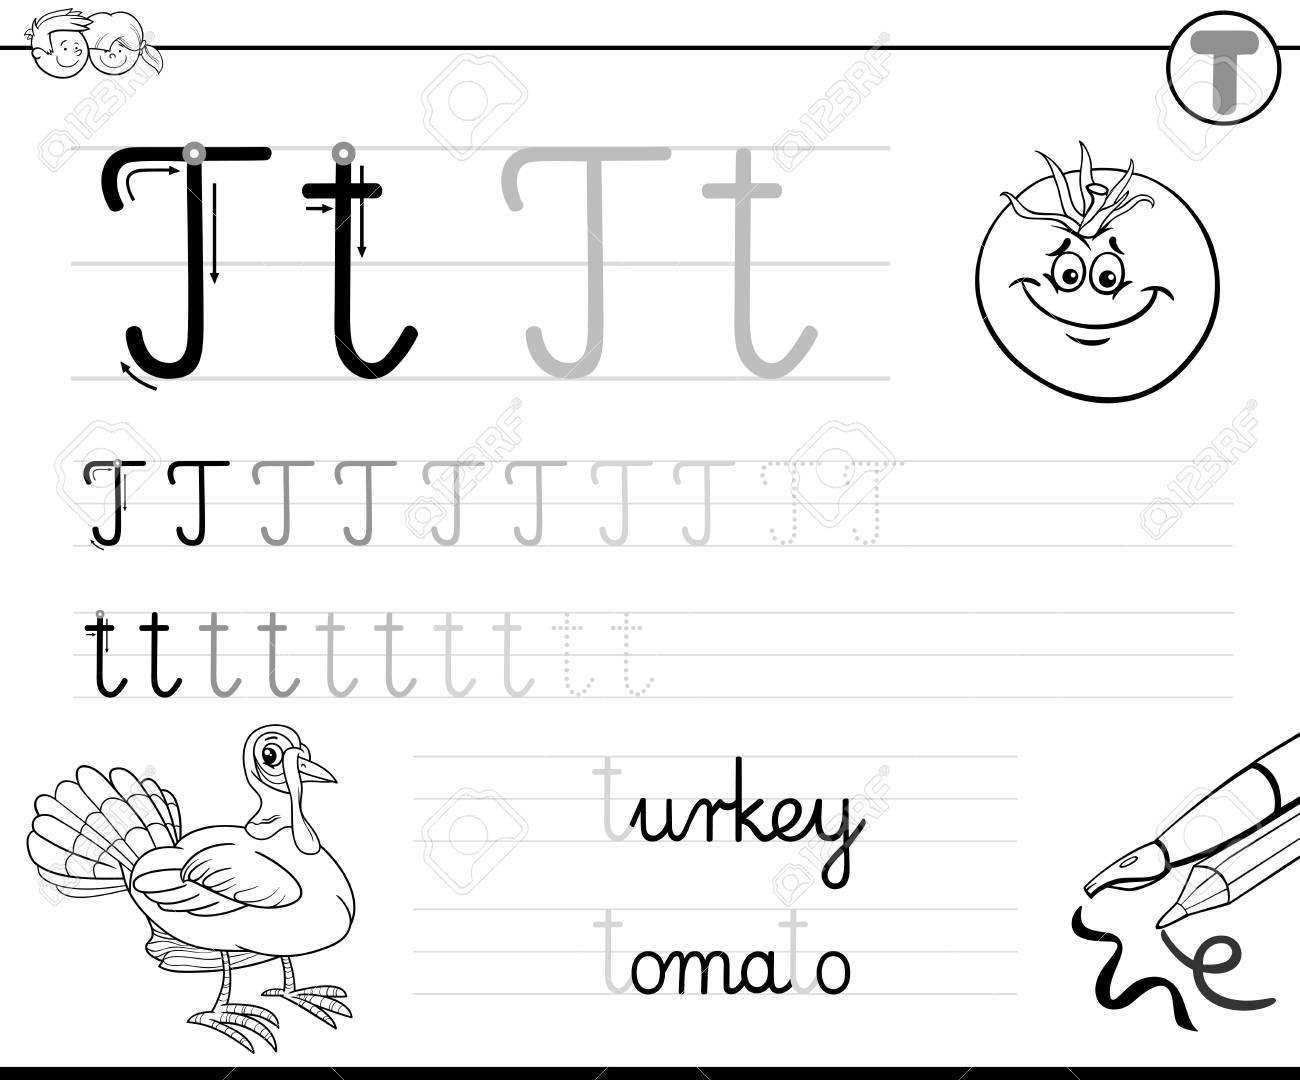 Ilustración De Dibujos Animados En Blanco Y Negro De Práctica De Habilidades De Escritura Con Letra T Hoja De Trabajo Para Niños En Edad Preescolar Y